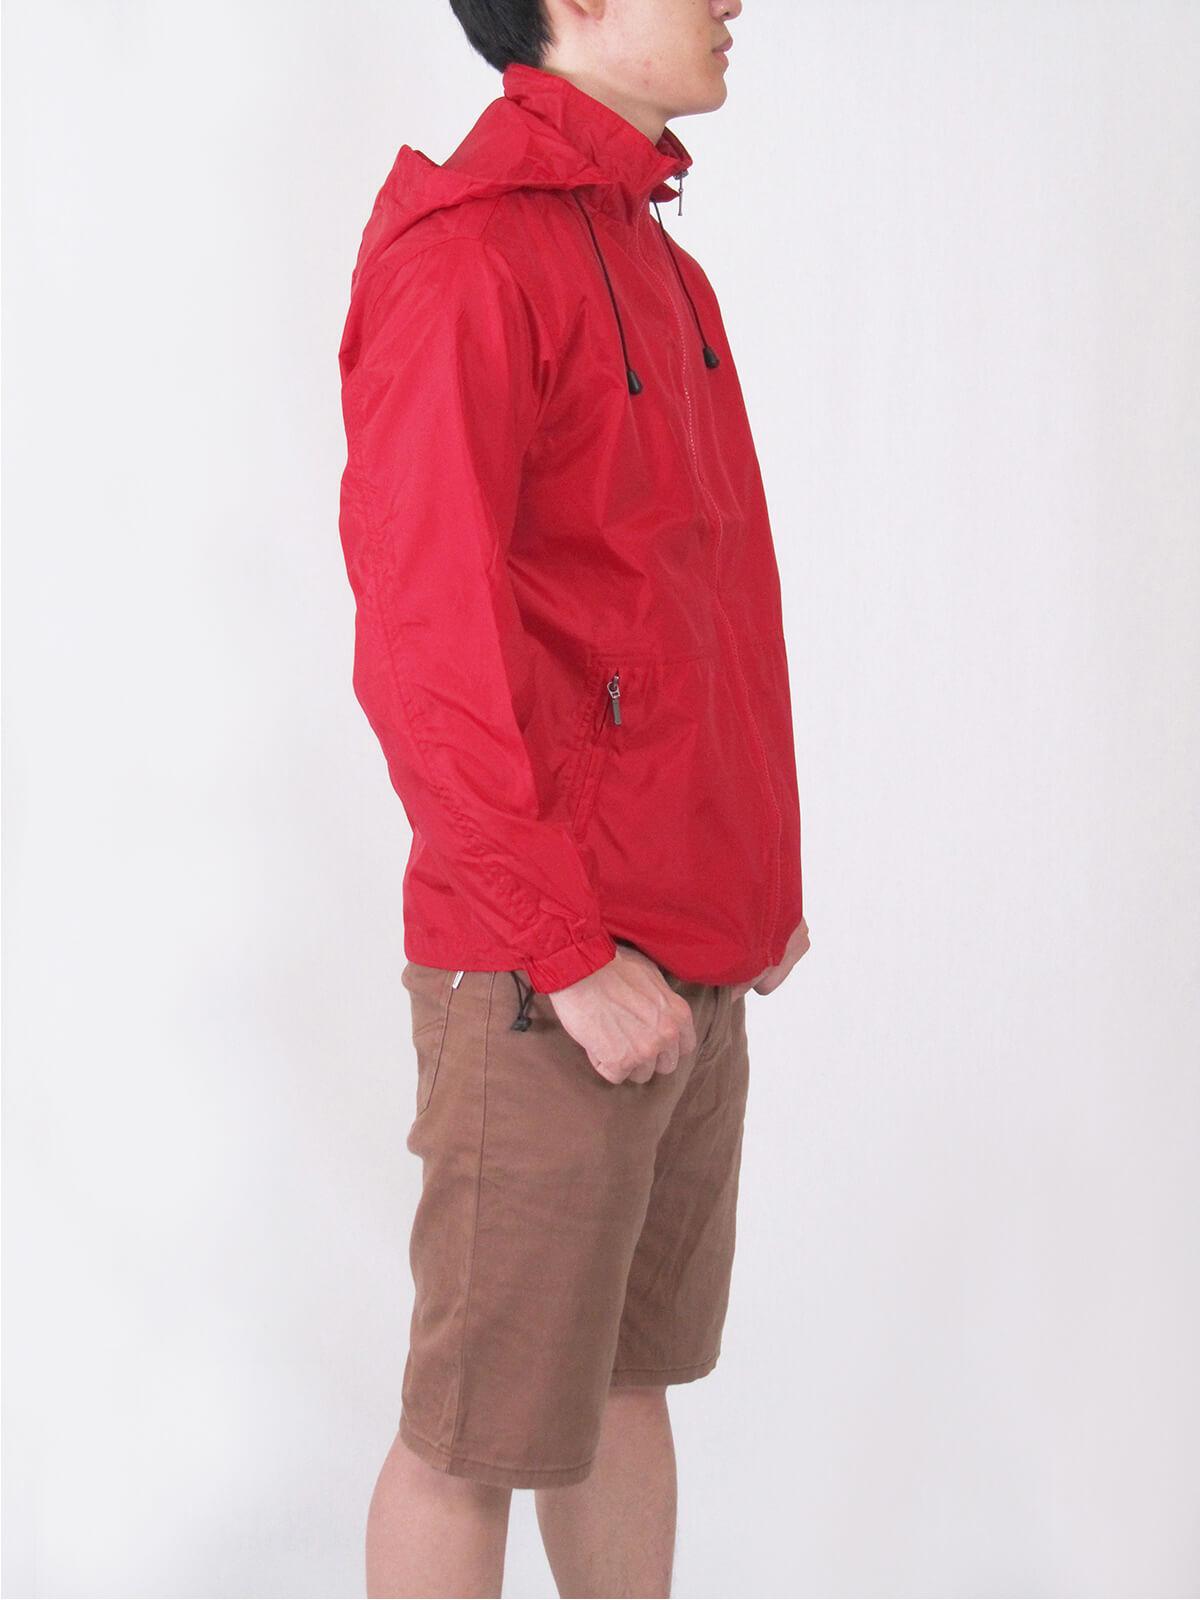 加大尺碼抗紫外線防曬薄外套 防風防潑水休閒外套 抗UV機能布料素面外套 遮陽外套 附帽可拆 風衣外套 輕量薄外套 ANTI-UV THIN COAT JACKET (321-8816-01)黑色、(321-8816-02)深藍色、(321-8816-03)紅色 M L XL 2L 3L 4L 5L(胸圍:45~57英吋) [實體店面保障] sun-e 5